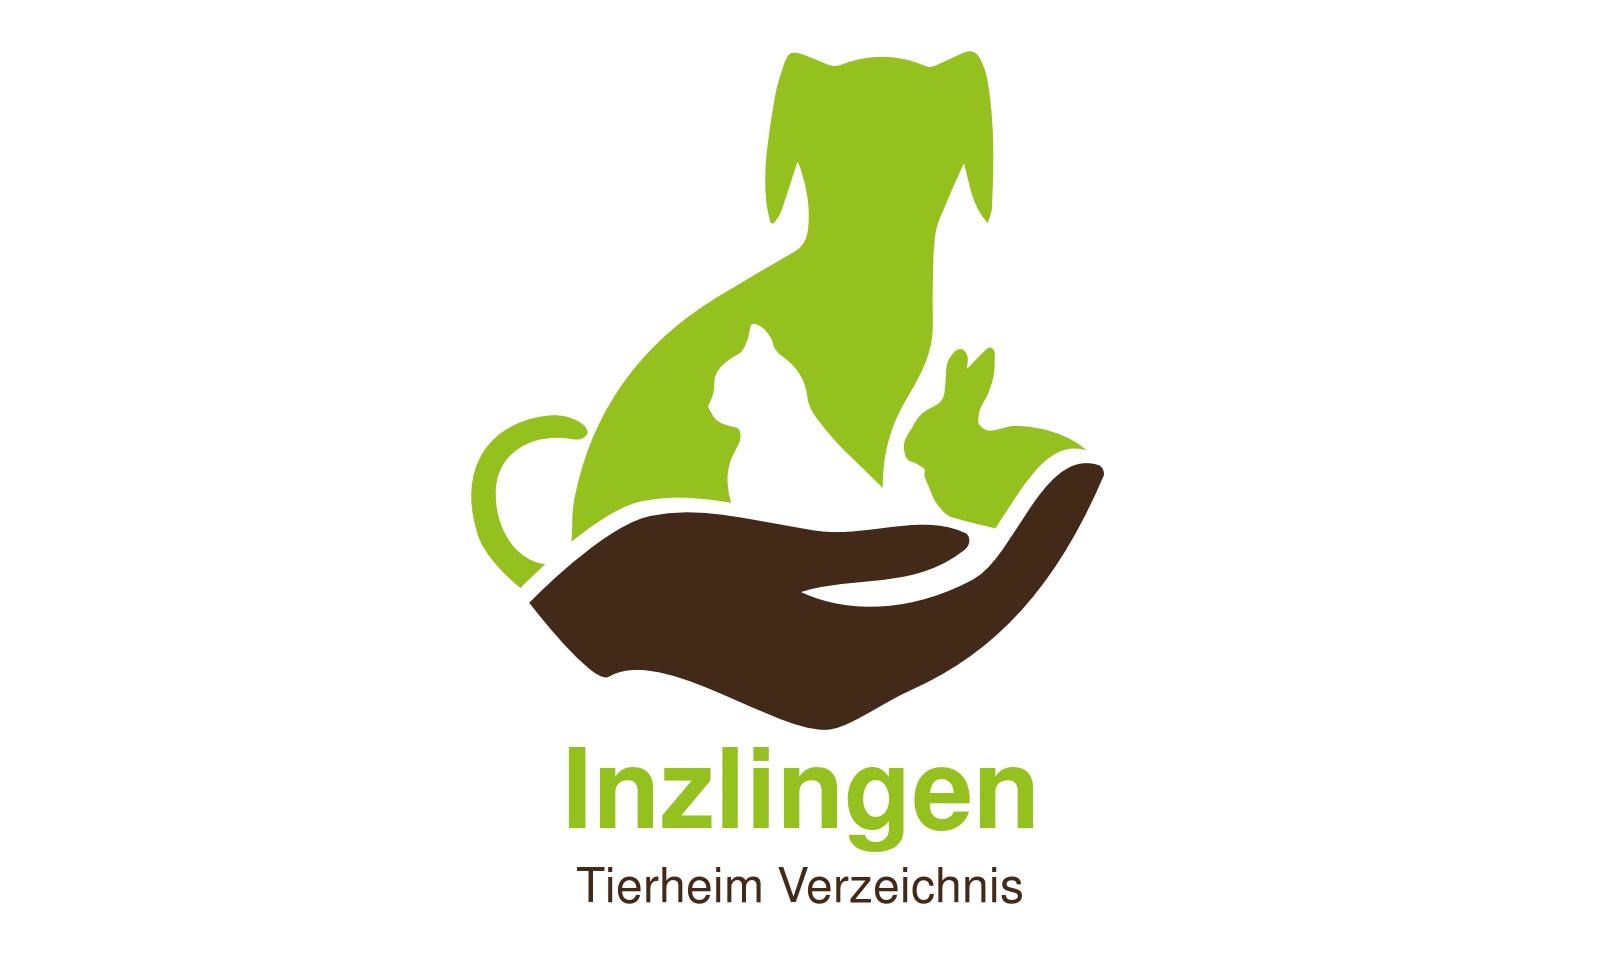 Tierheim Inzlingen